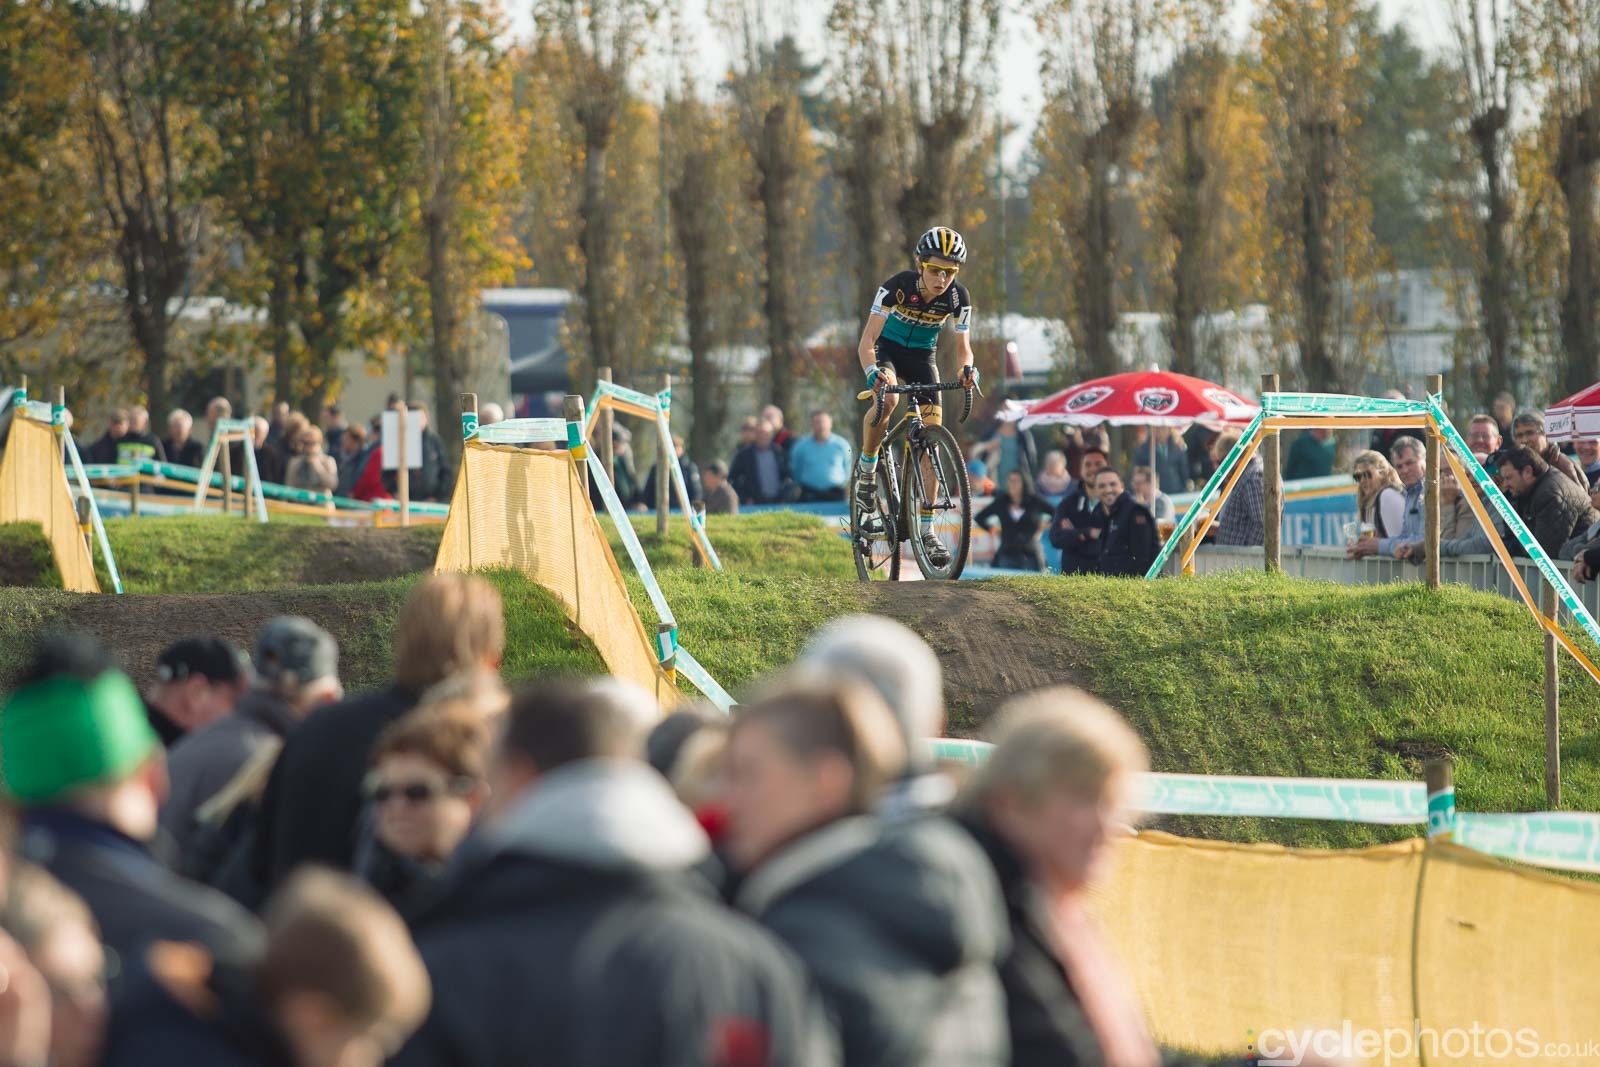 2015-cyclephotos-cyclocross-ruddervoorde-140652-jolien-verschueren